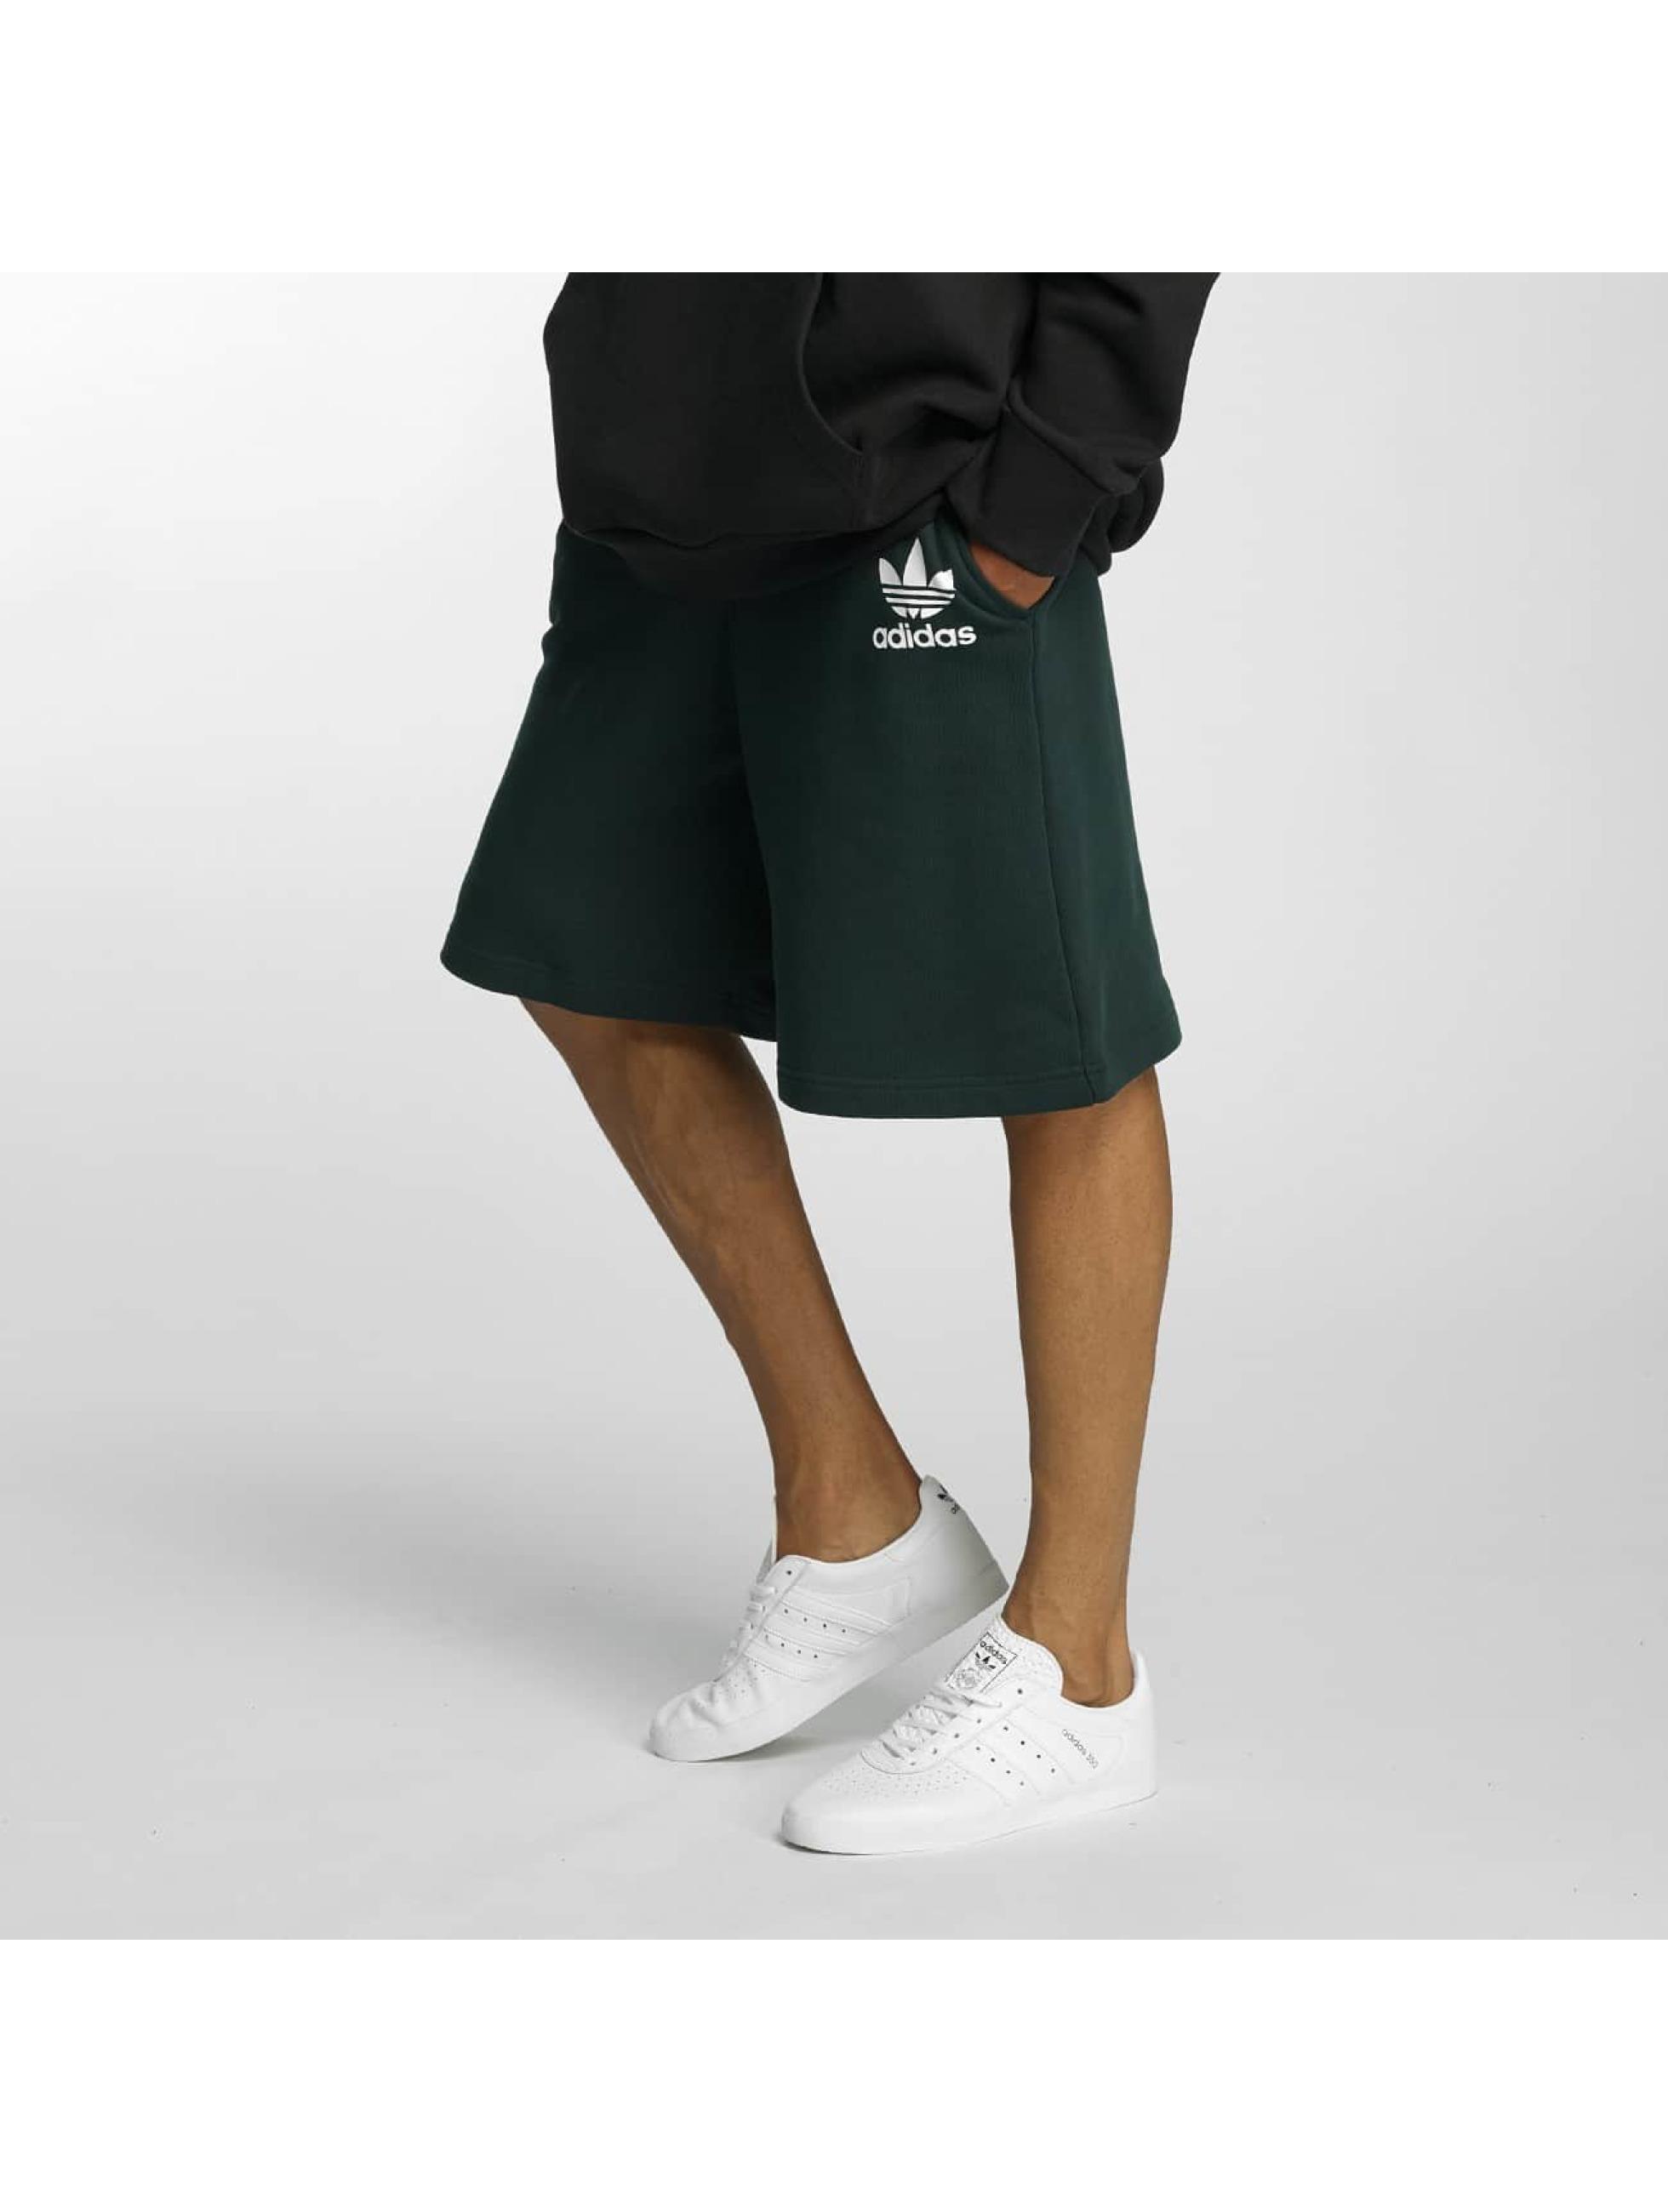 adidas originals Short ADC F green